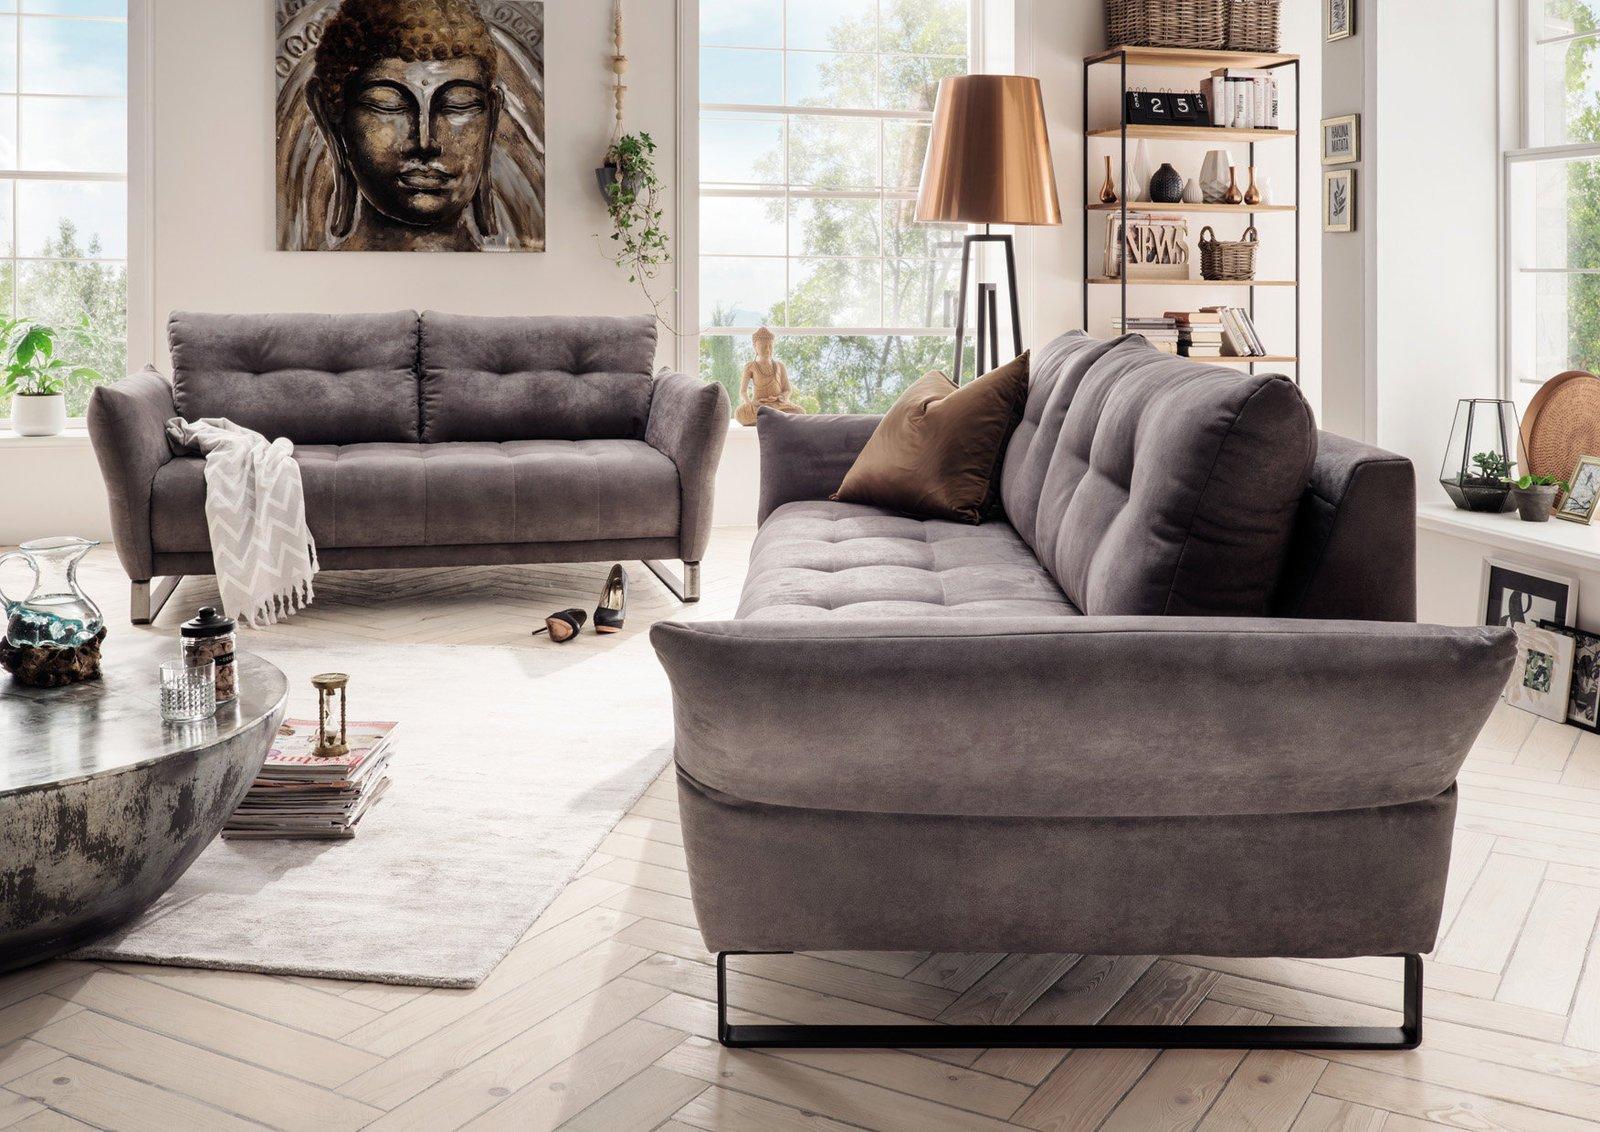 Full Size of Sofa Couch Manzoni Von Wohnglcklich Gnstig Bestellen Skanmbler Machalke Riess Ambiente 3 Sitzer Bullfrog Copperfield Modulares Hay Mags W Schillig Grün Ligne Sofa Günstige Sofa